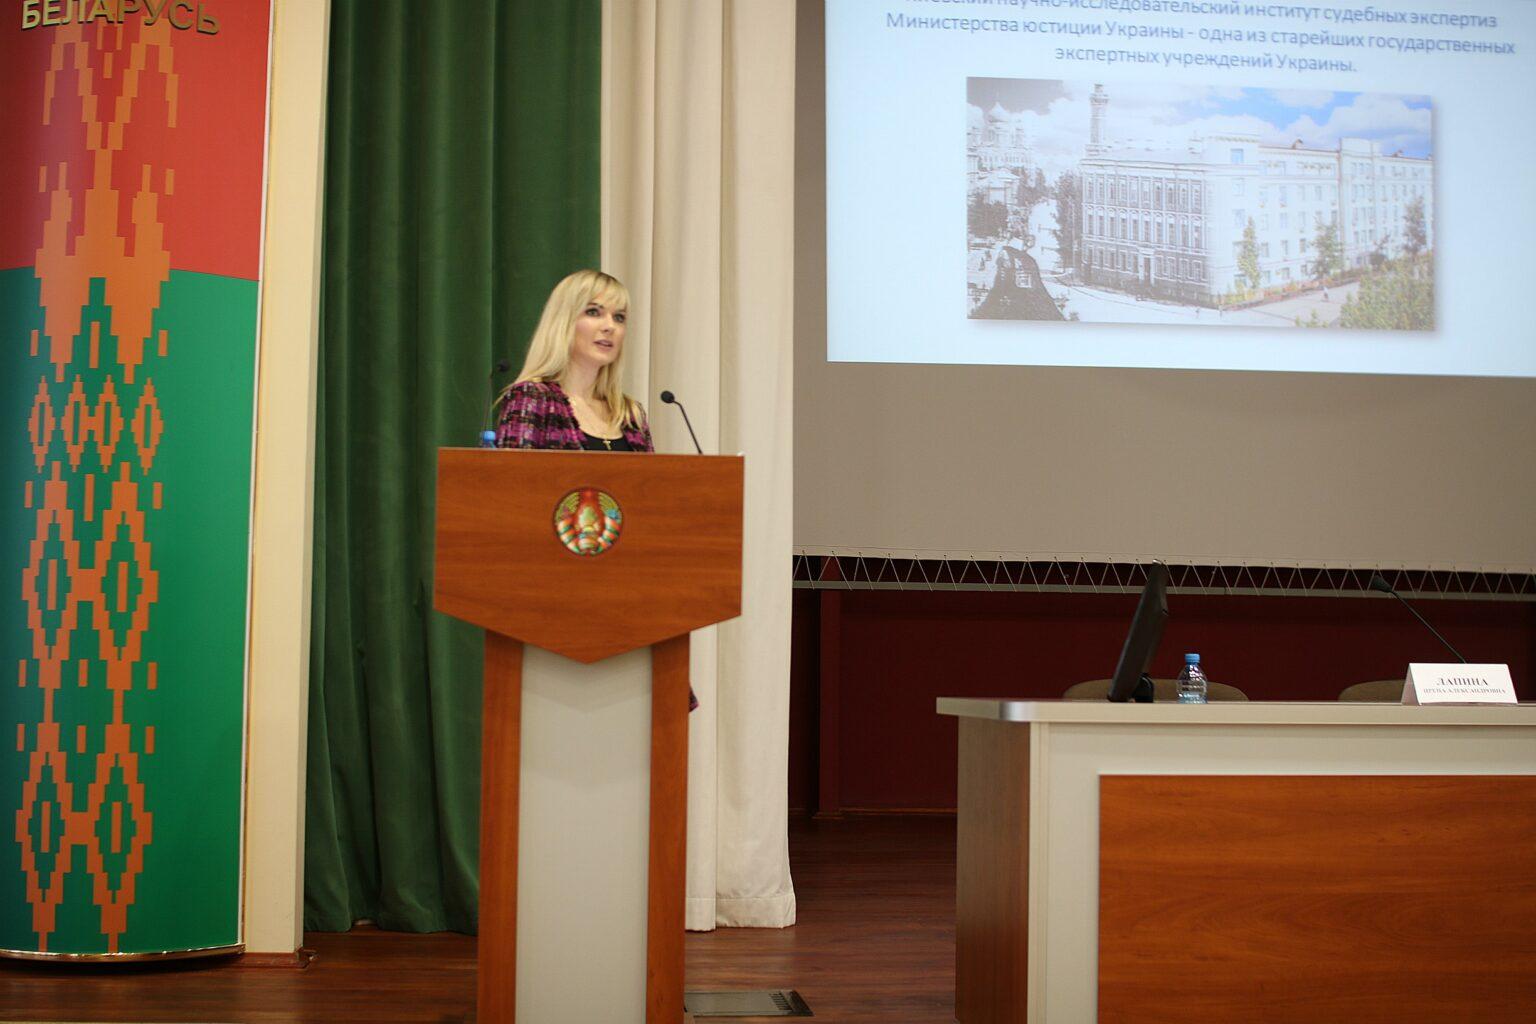 Наталья Нестор выступает с докладом